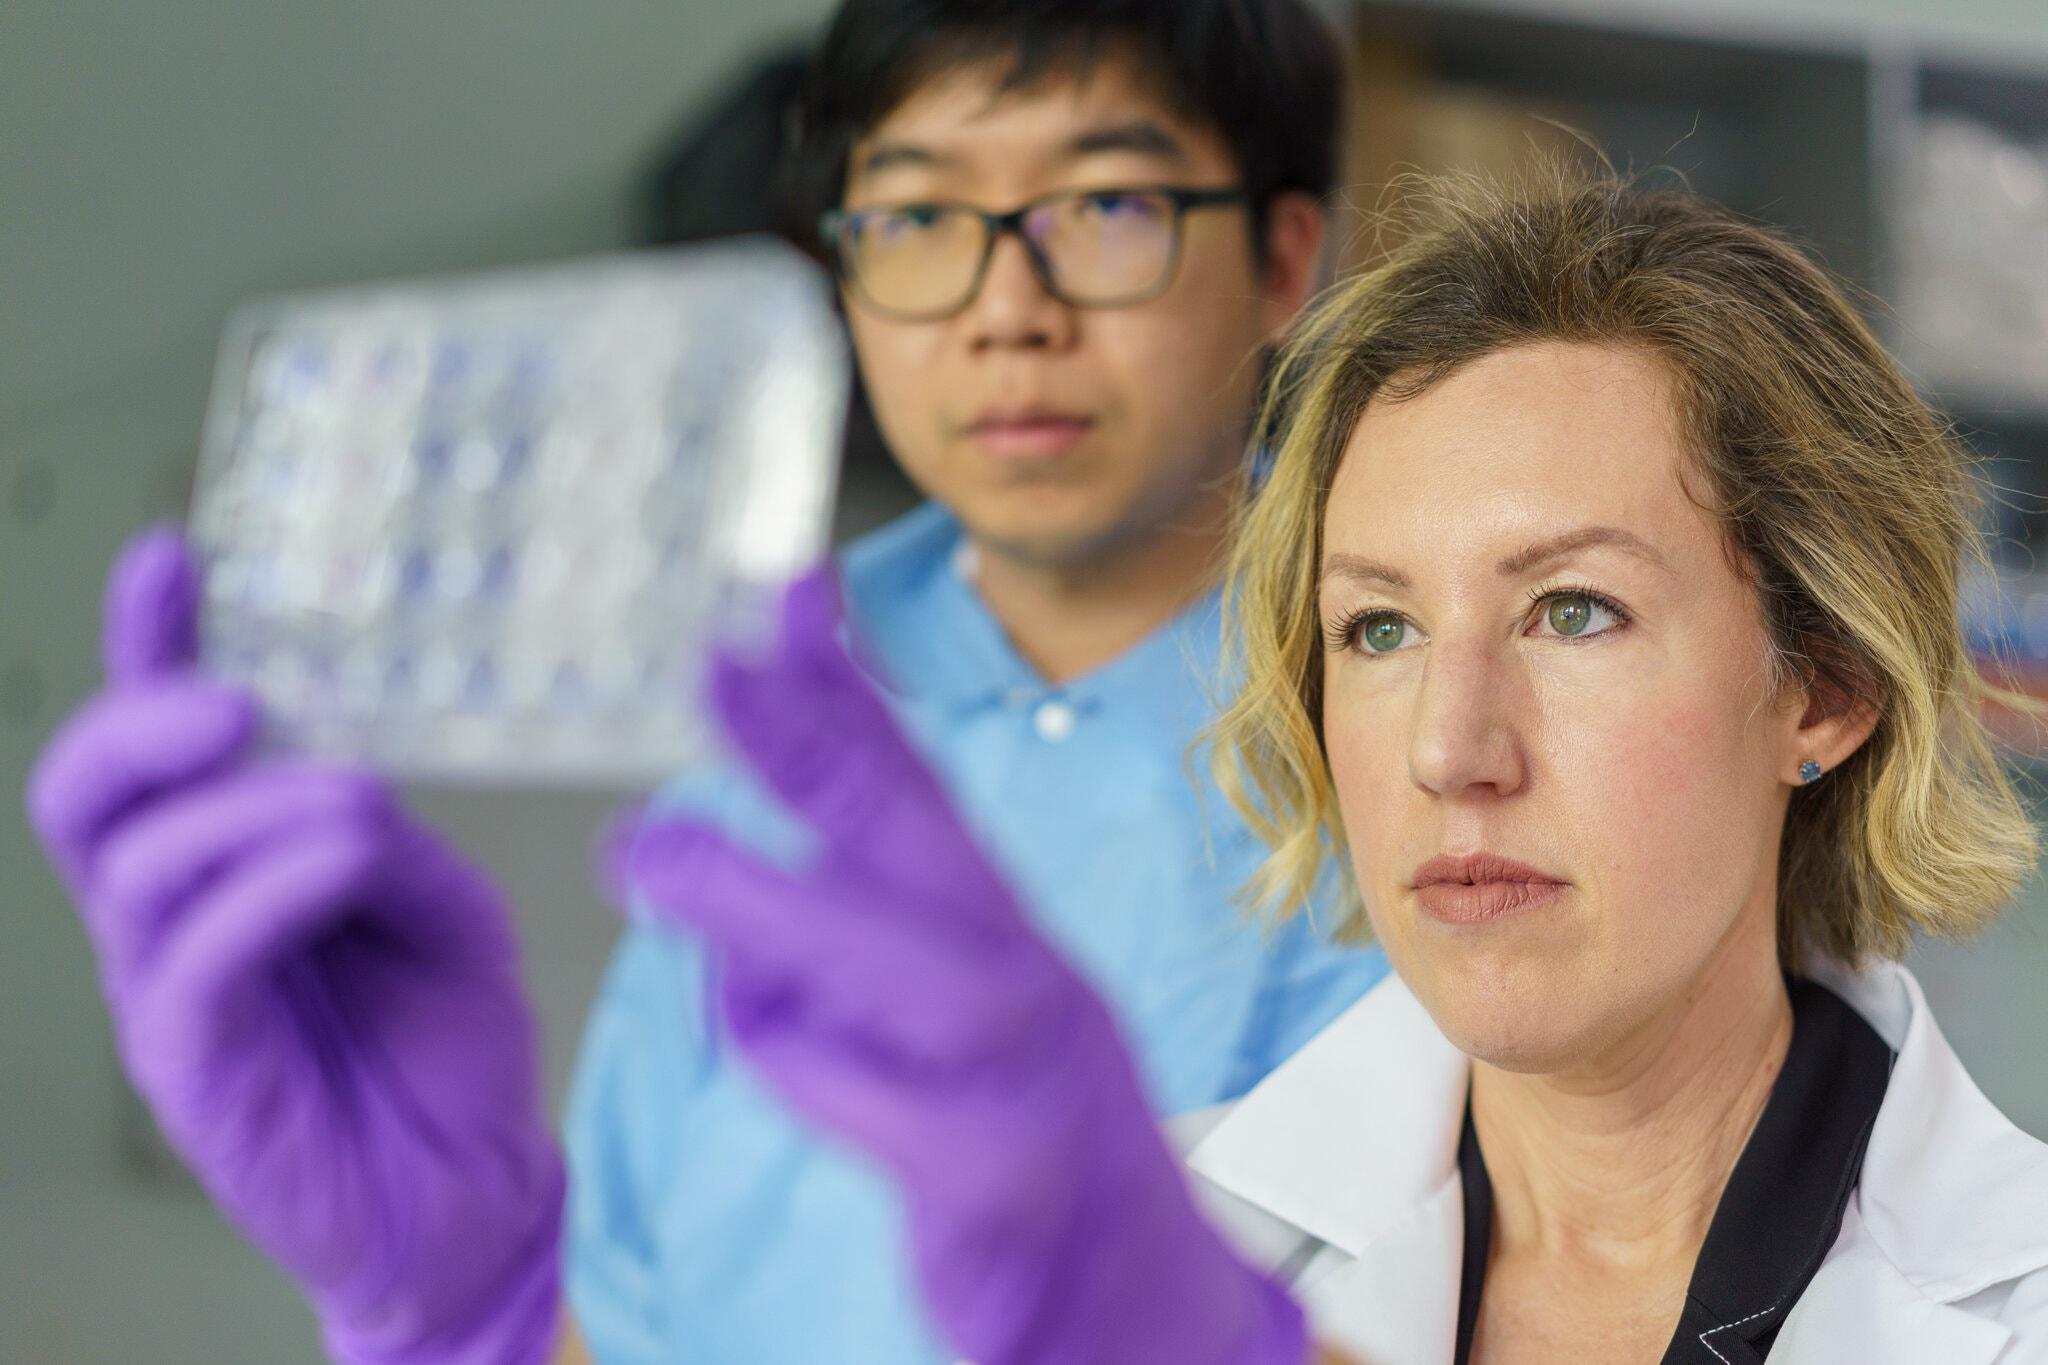 Tiến sĩ Jessica Manning, chuyên gia nghiên cứu sức khỏe cộng đồng Viện Dị ứng và Bệnh truyền nhiễm Quốc gia. Ảnh: NY Times